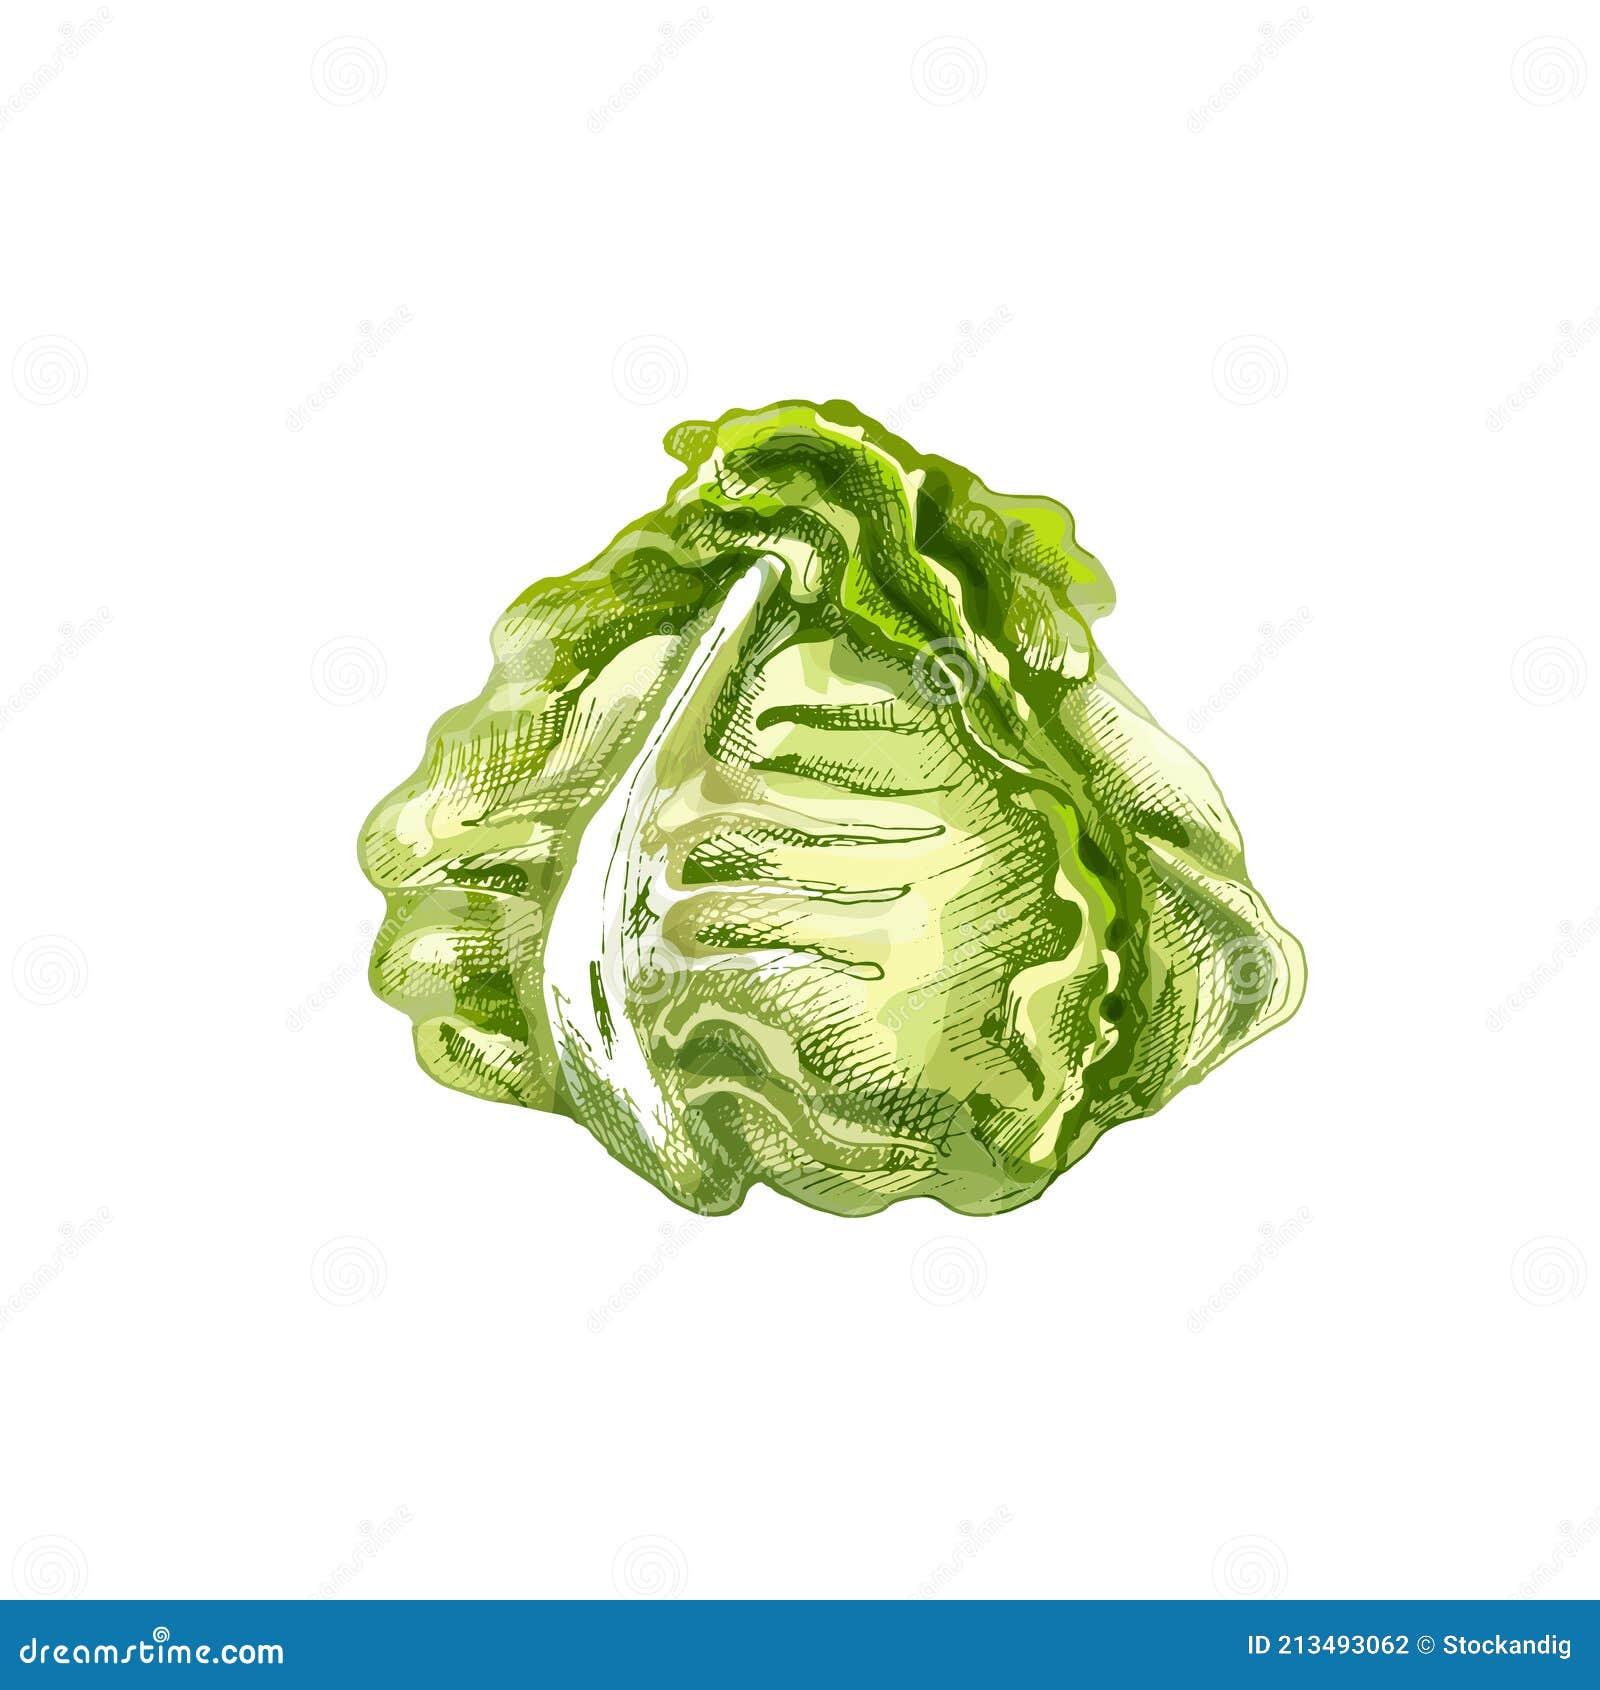 head lettuce stock illustrations – 731 head lettuce stock illustrations,  vectors & clipart - dreamstime  dreamstime.com